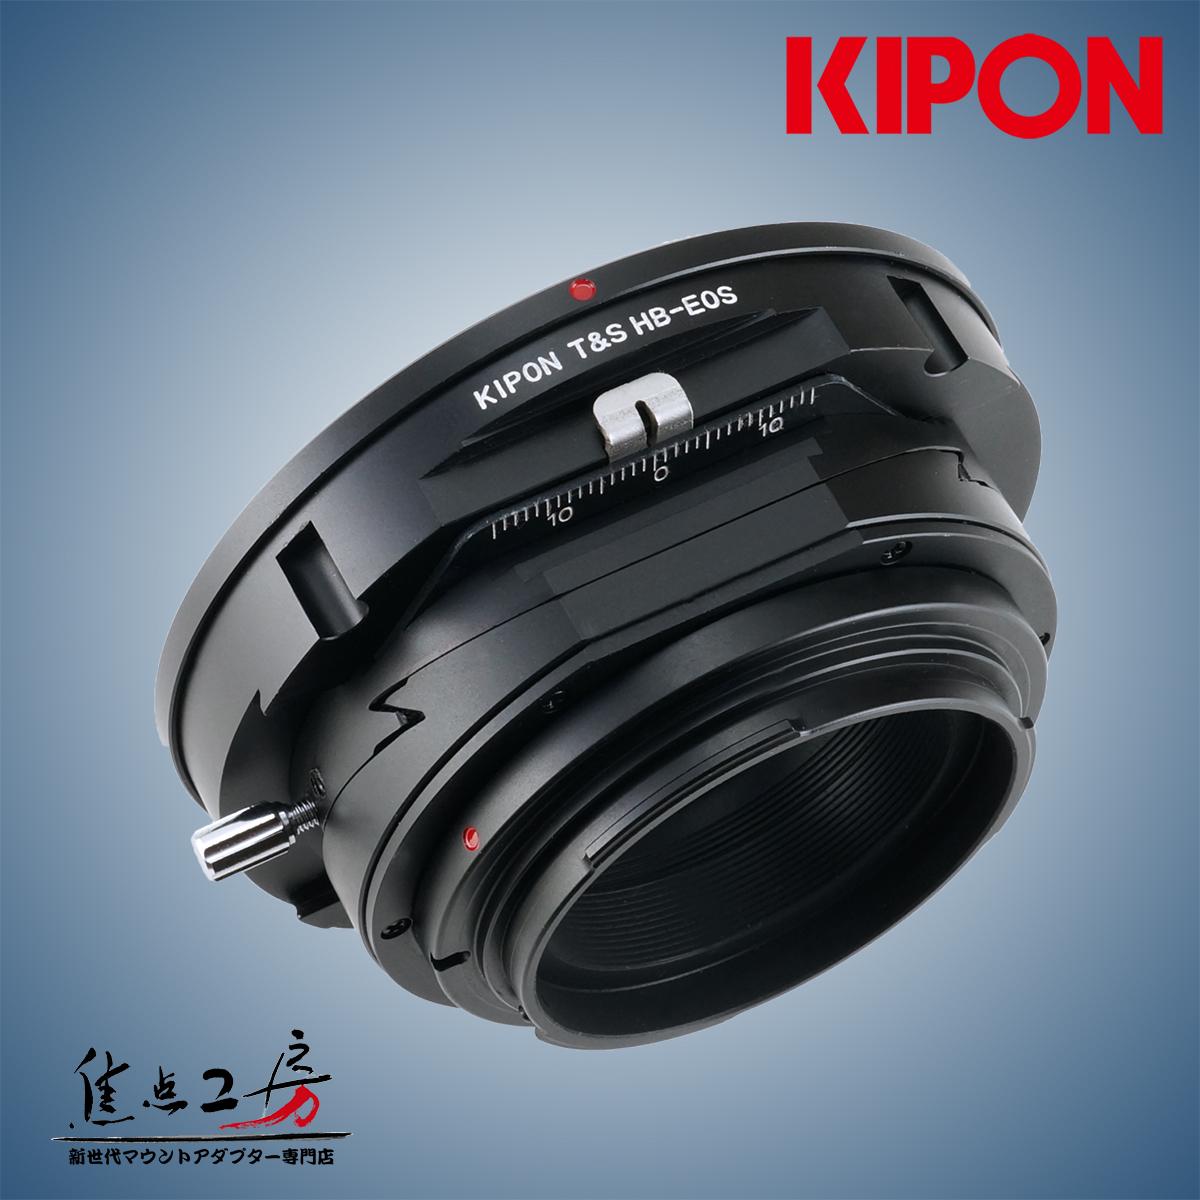 マウントアダプター KIPON T&S HB-EOS ハッセルブラッドVレンズ - キヤノンEOSマウントカメラアオリ(ティルト&シフト)機構搭載